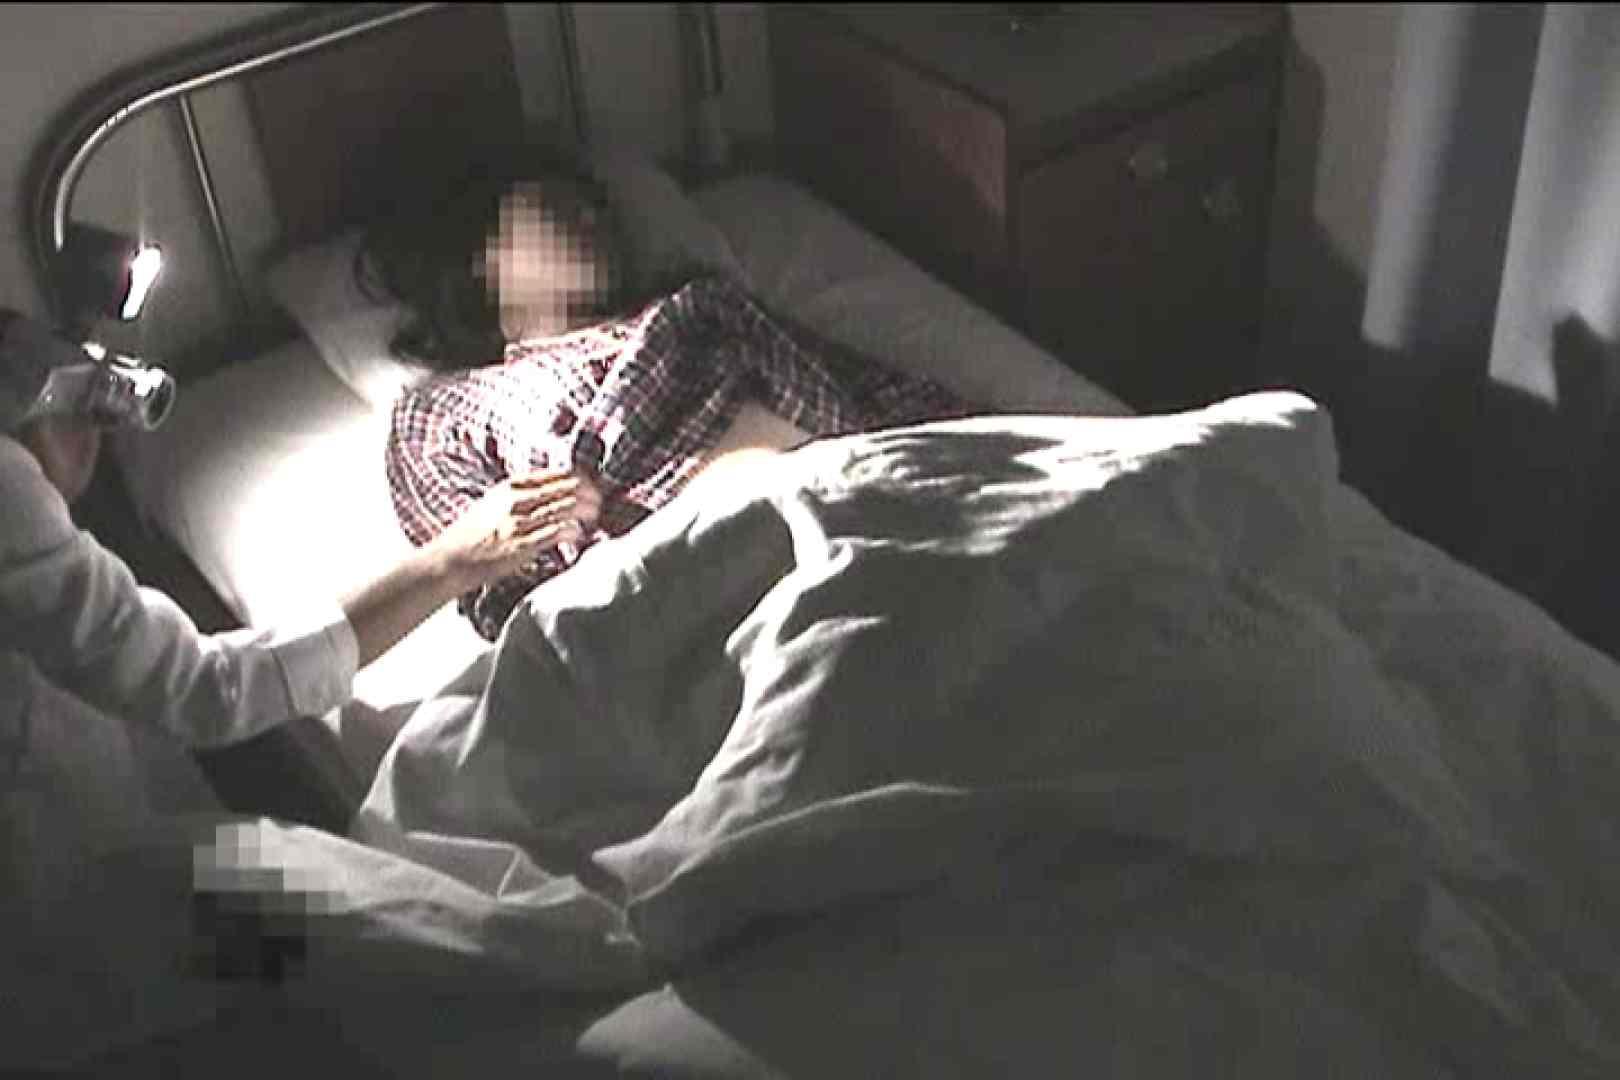 暗躍する夜這い師達Vol.2 性欲溢れる女性達 オメコ動画キャプチャ 81pic 77